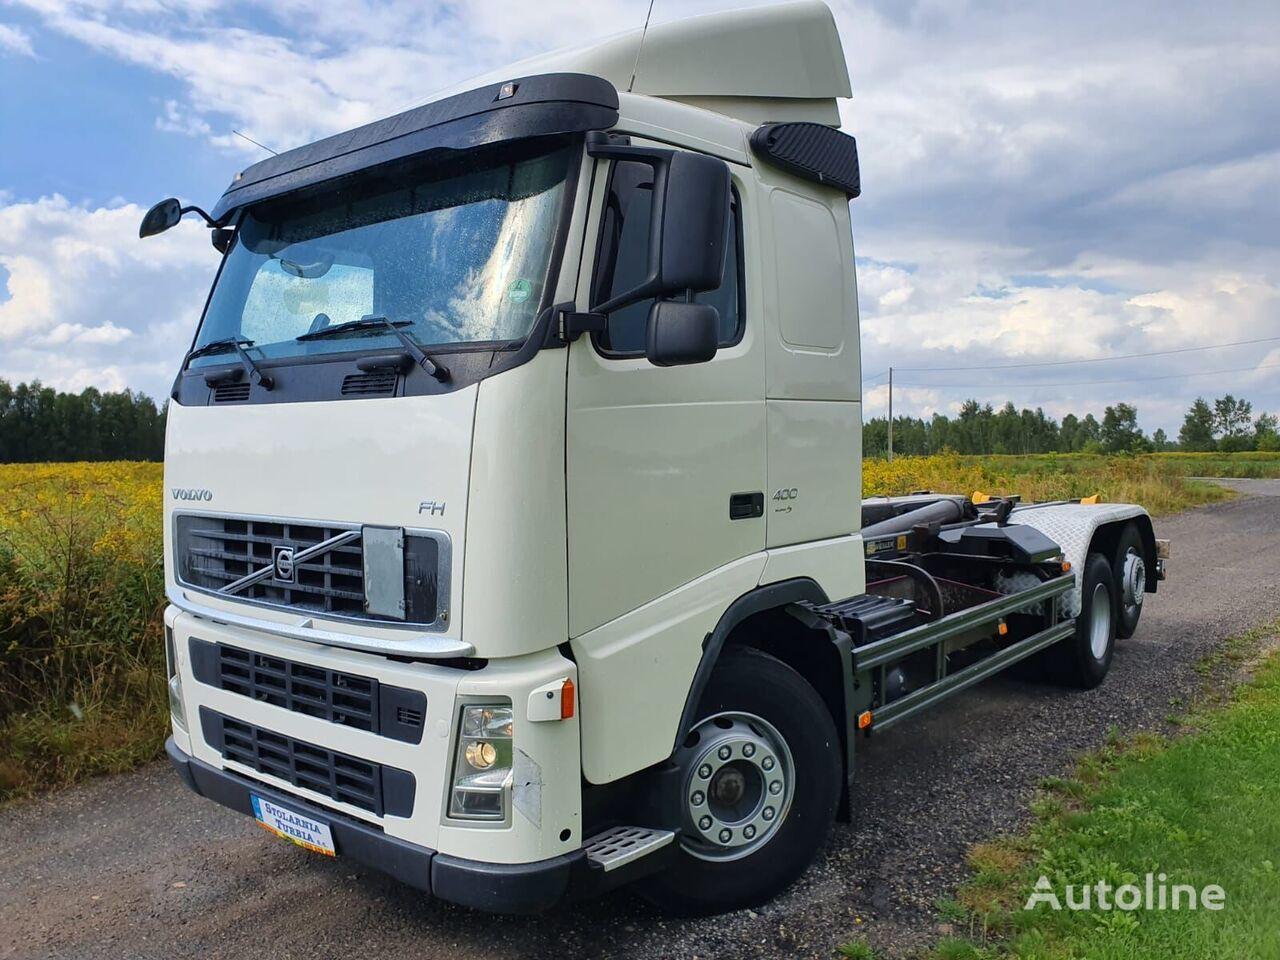 VOLVO FH 400 urządzenie hakowe Meiller hook lift truck